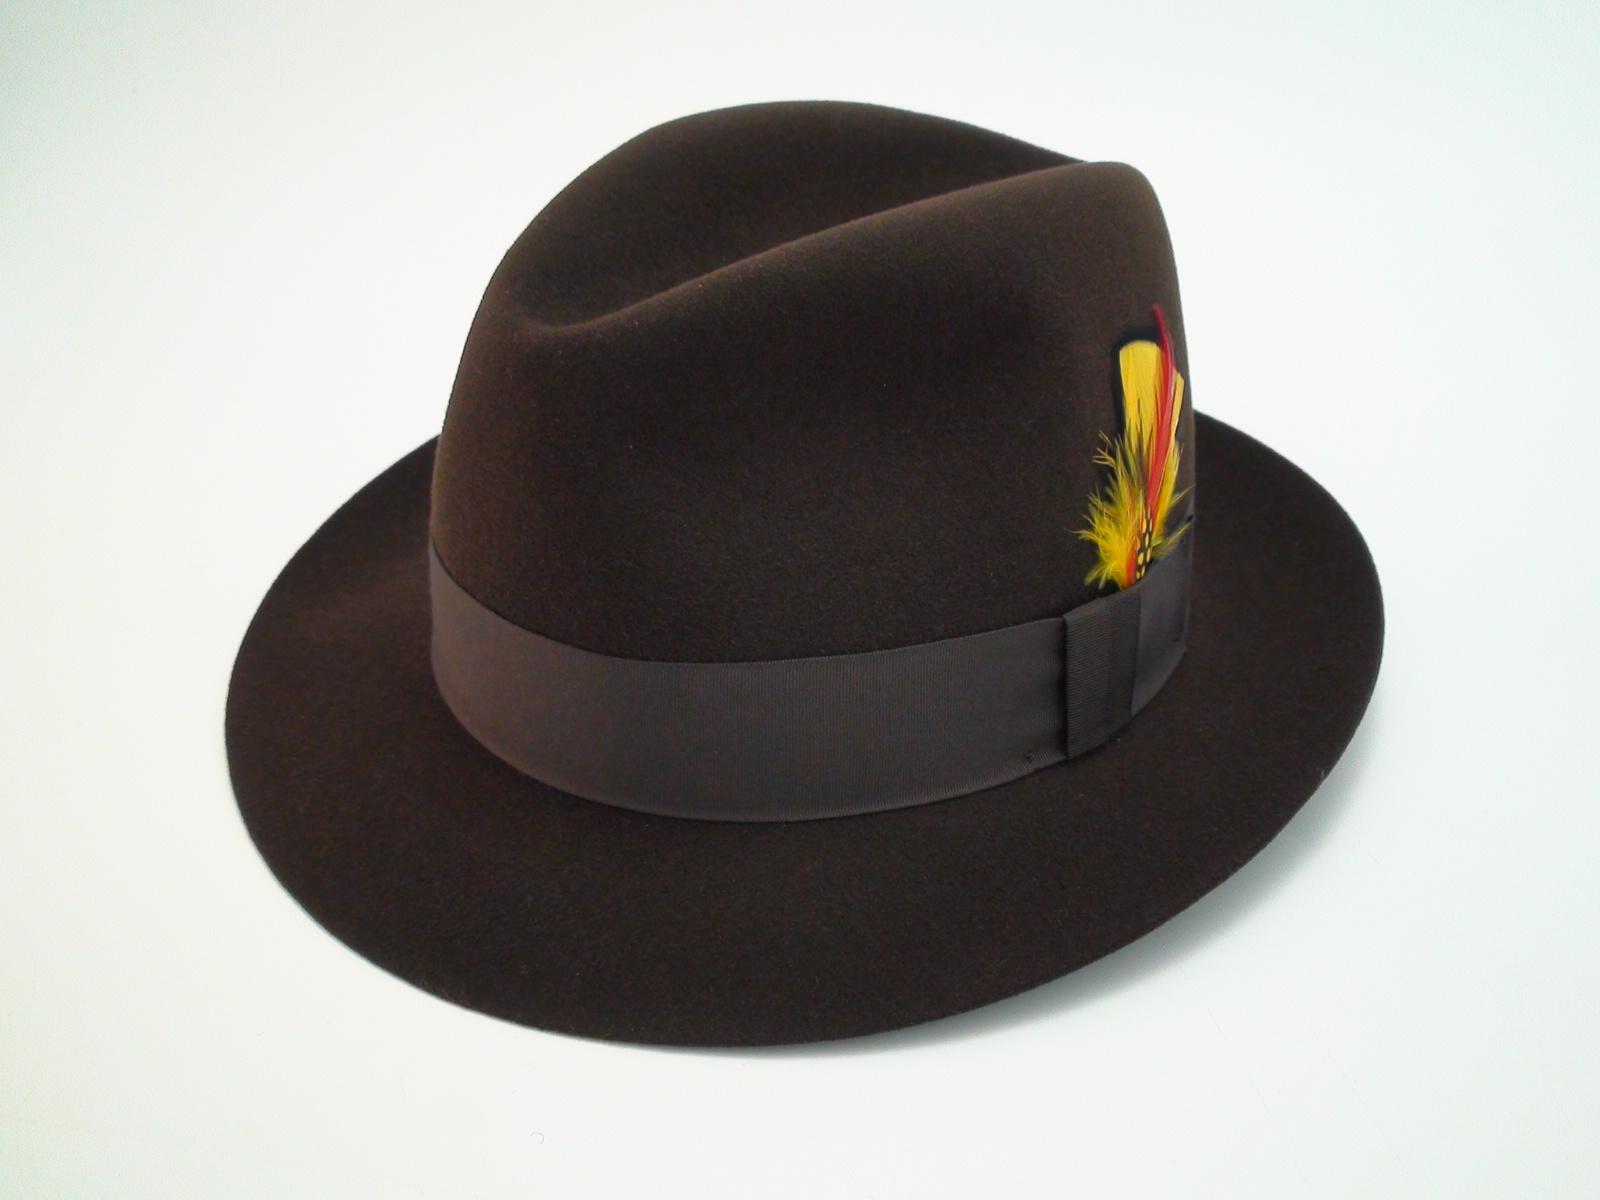 Biltmore Hats Governor Brown Stingy Brim Fur Felt Fedora Hat 6d76a5d6375c